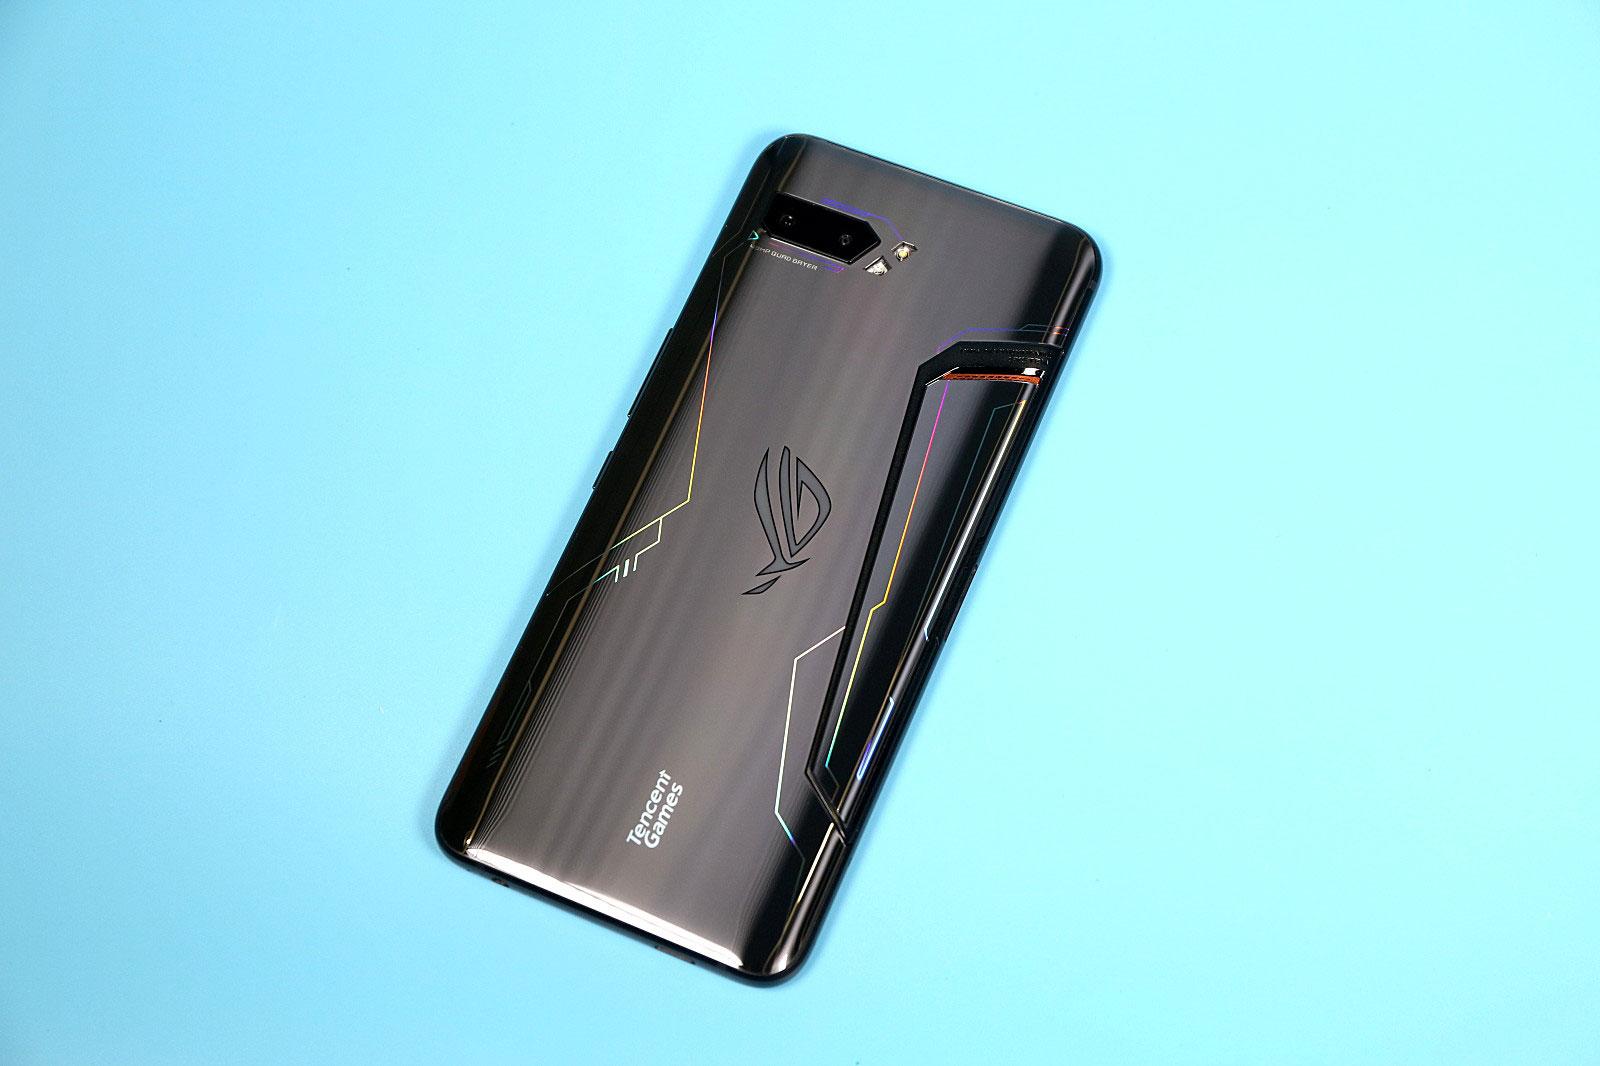 搭载骁龙865!华硕将于7月推出ZenFone 7和ROG Phone III